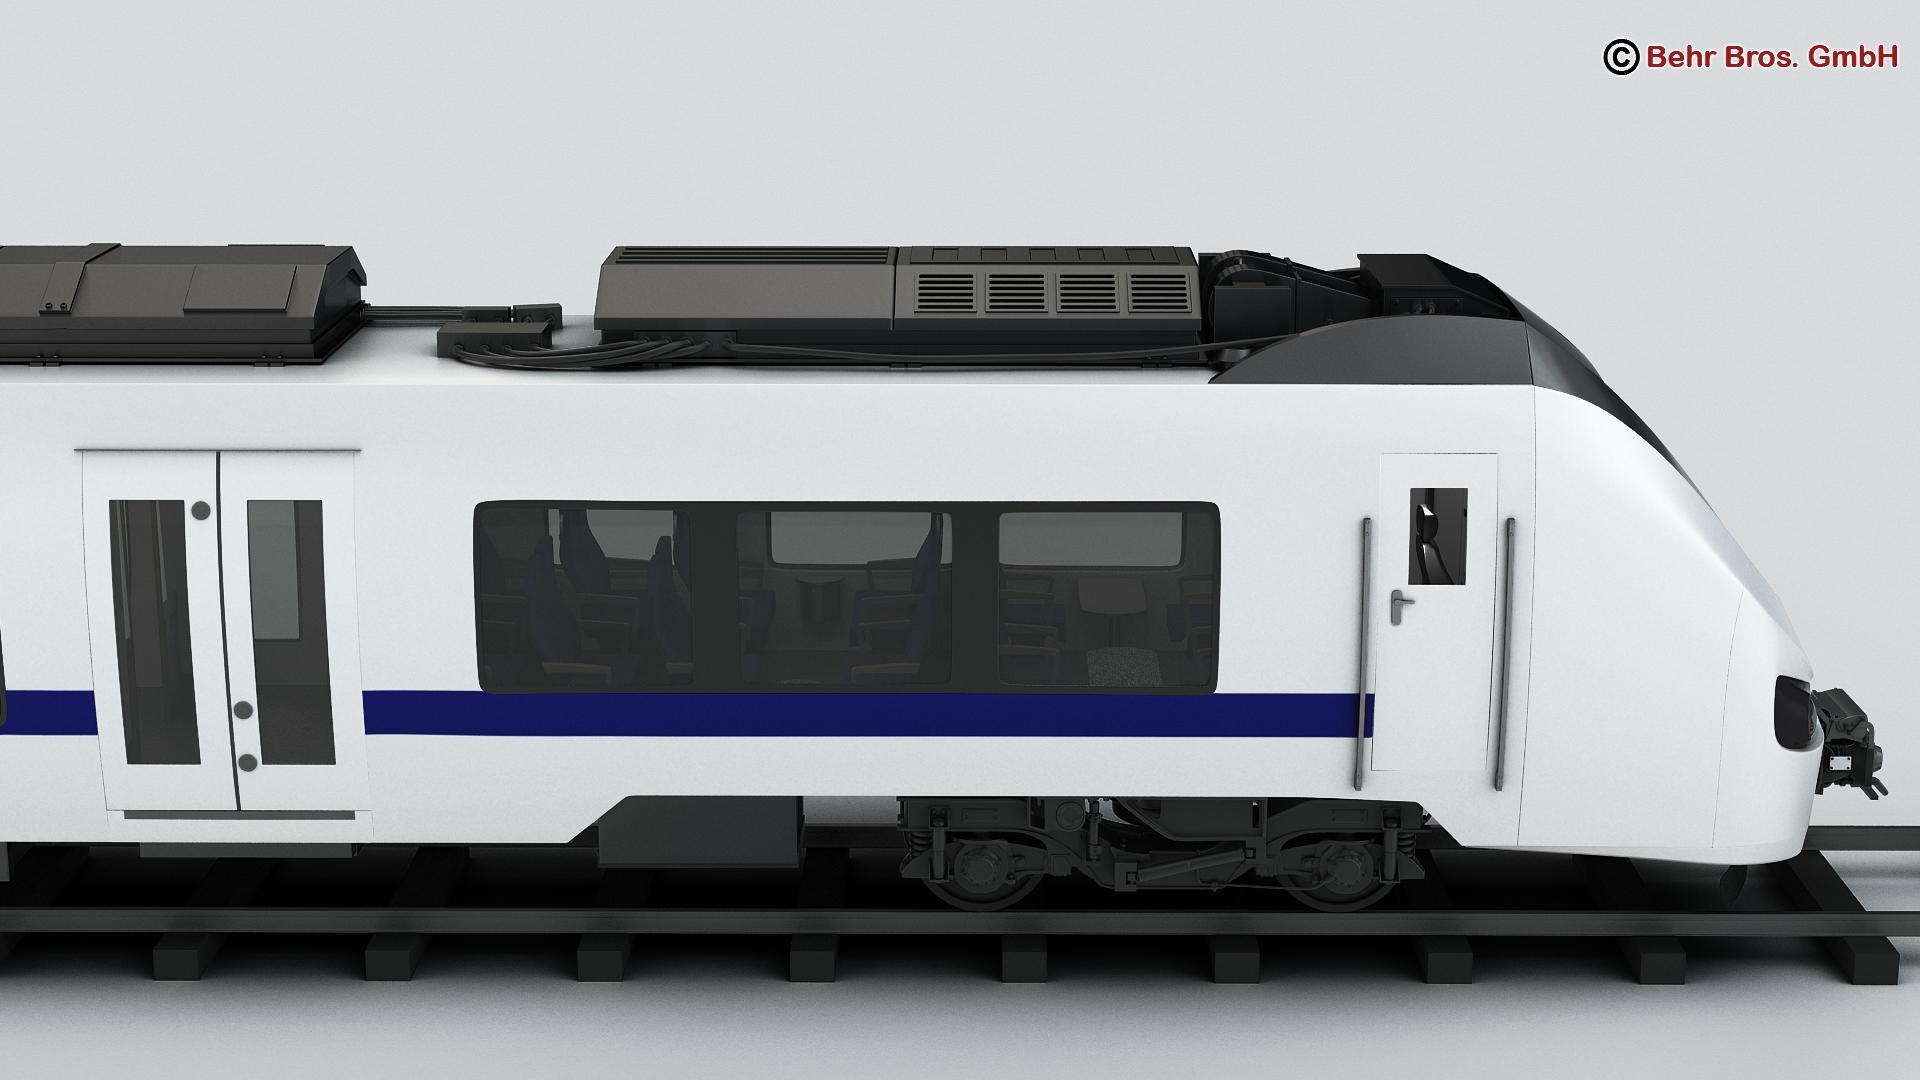 generic commuter train 3d model 3ds max fbx c4d ma mb obj 206617